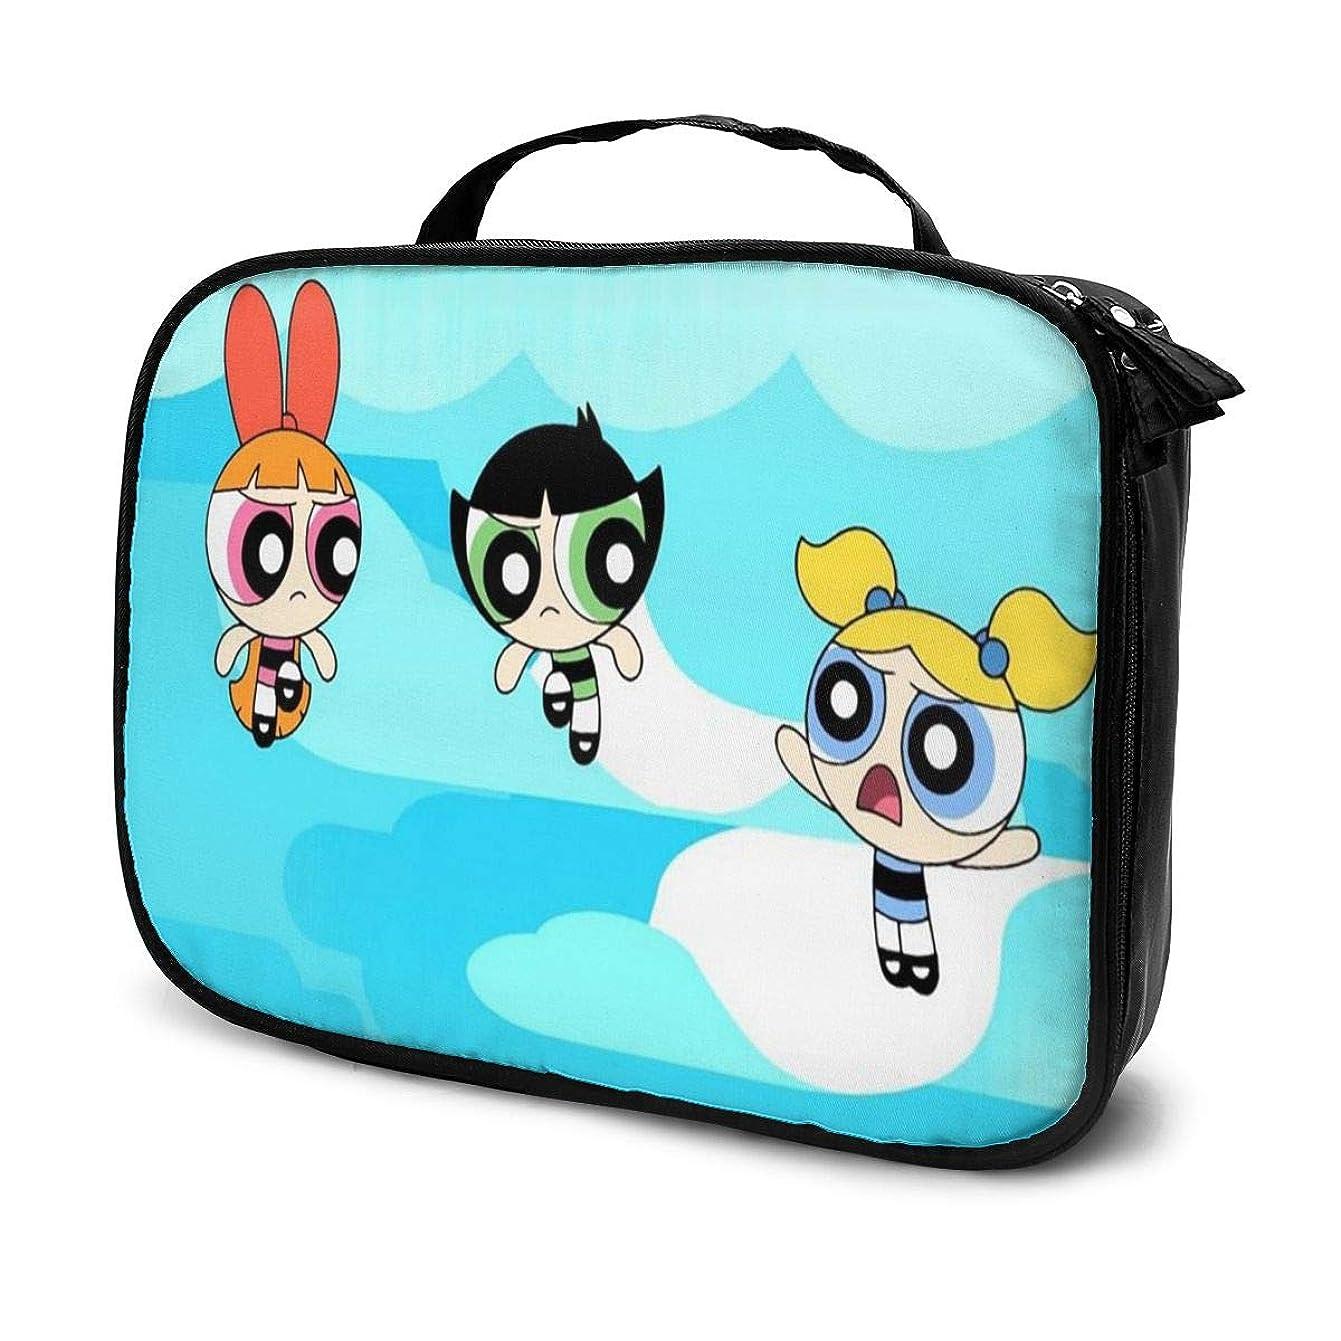 電話に出るうれしい極めてDaituパワパフガールズ 化粧品袋の女性旅行バッグ収納大容量防水アクセサリー旅行